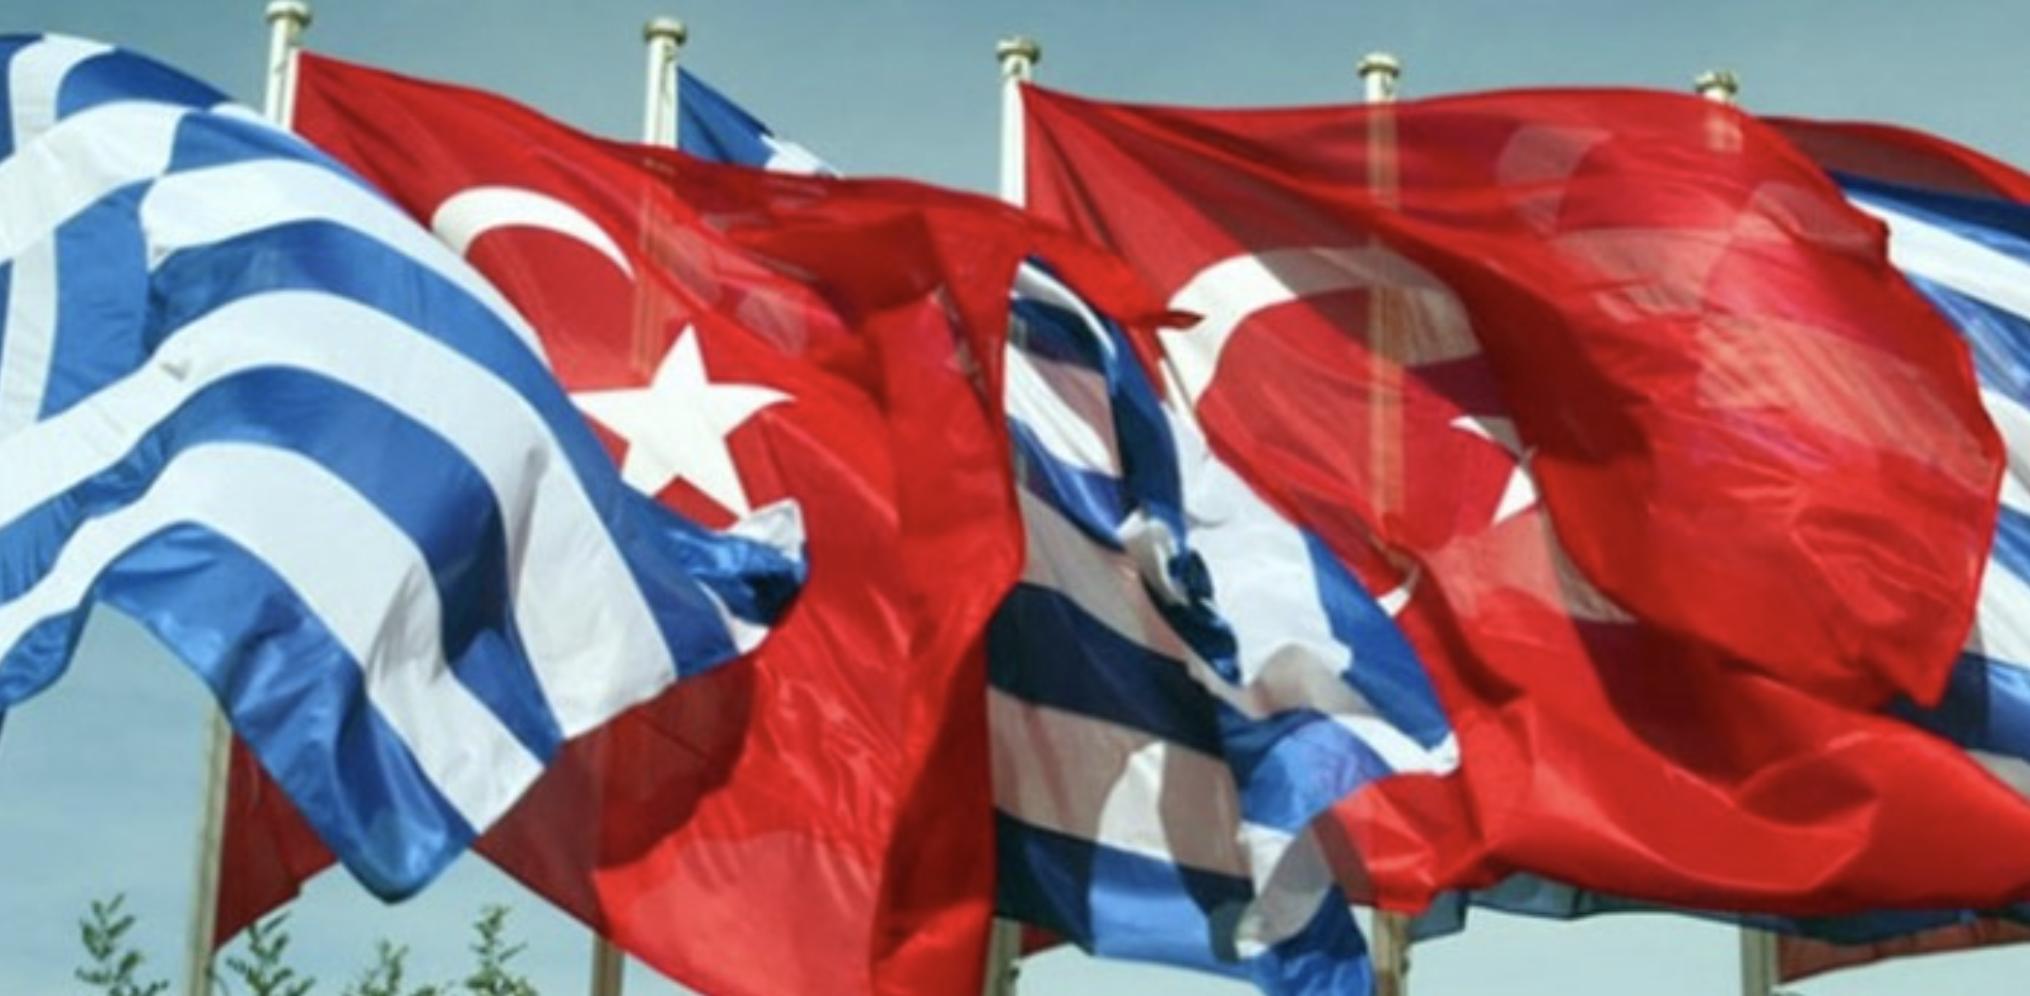 Grčka i Turska će 6. oktobra održati 63. rundu pripremnih pregovora